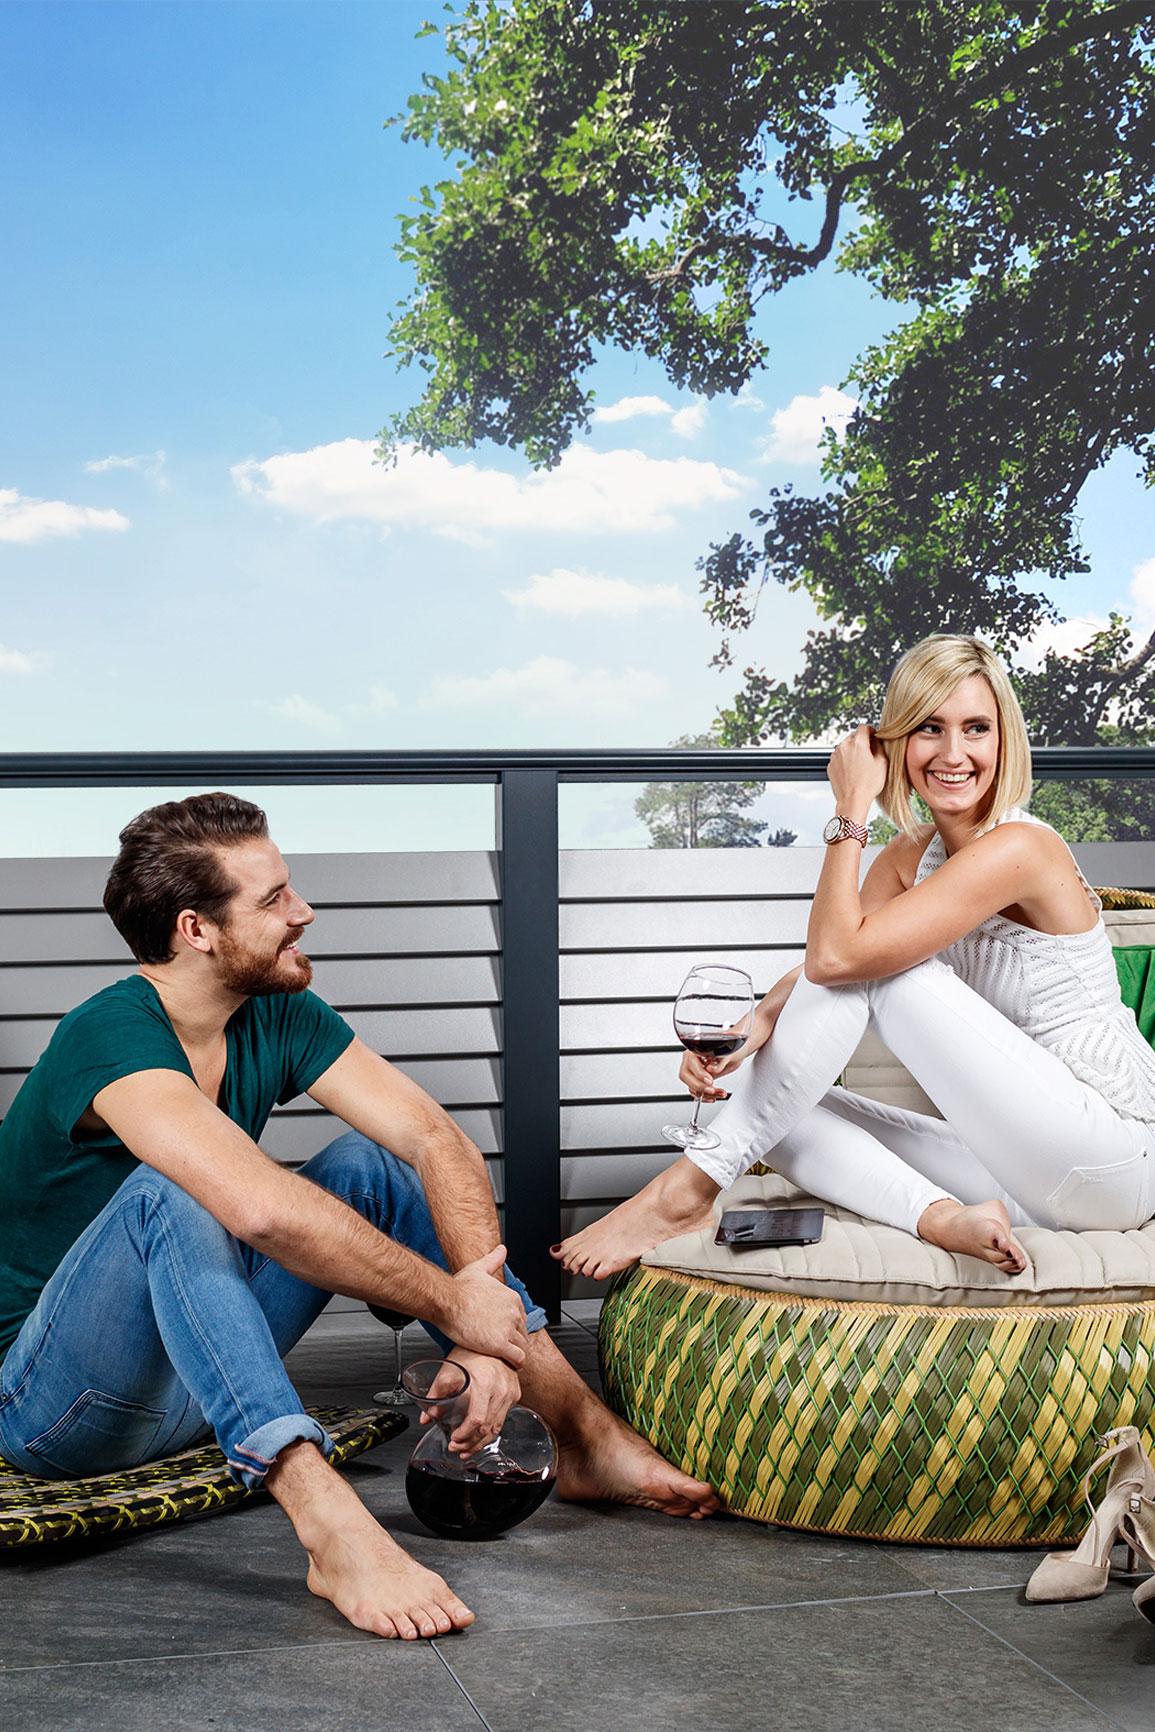 Freizeit auf dem Balkon genießen